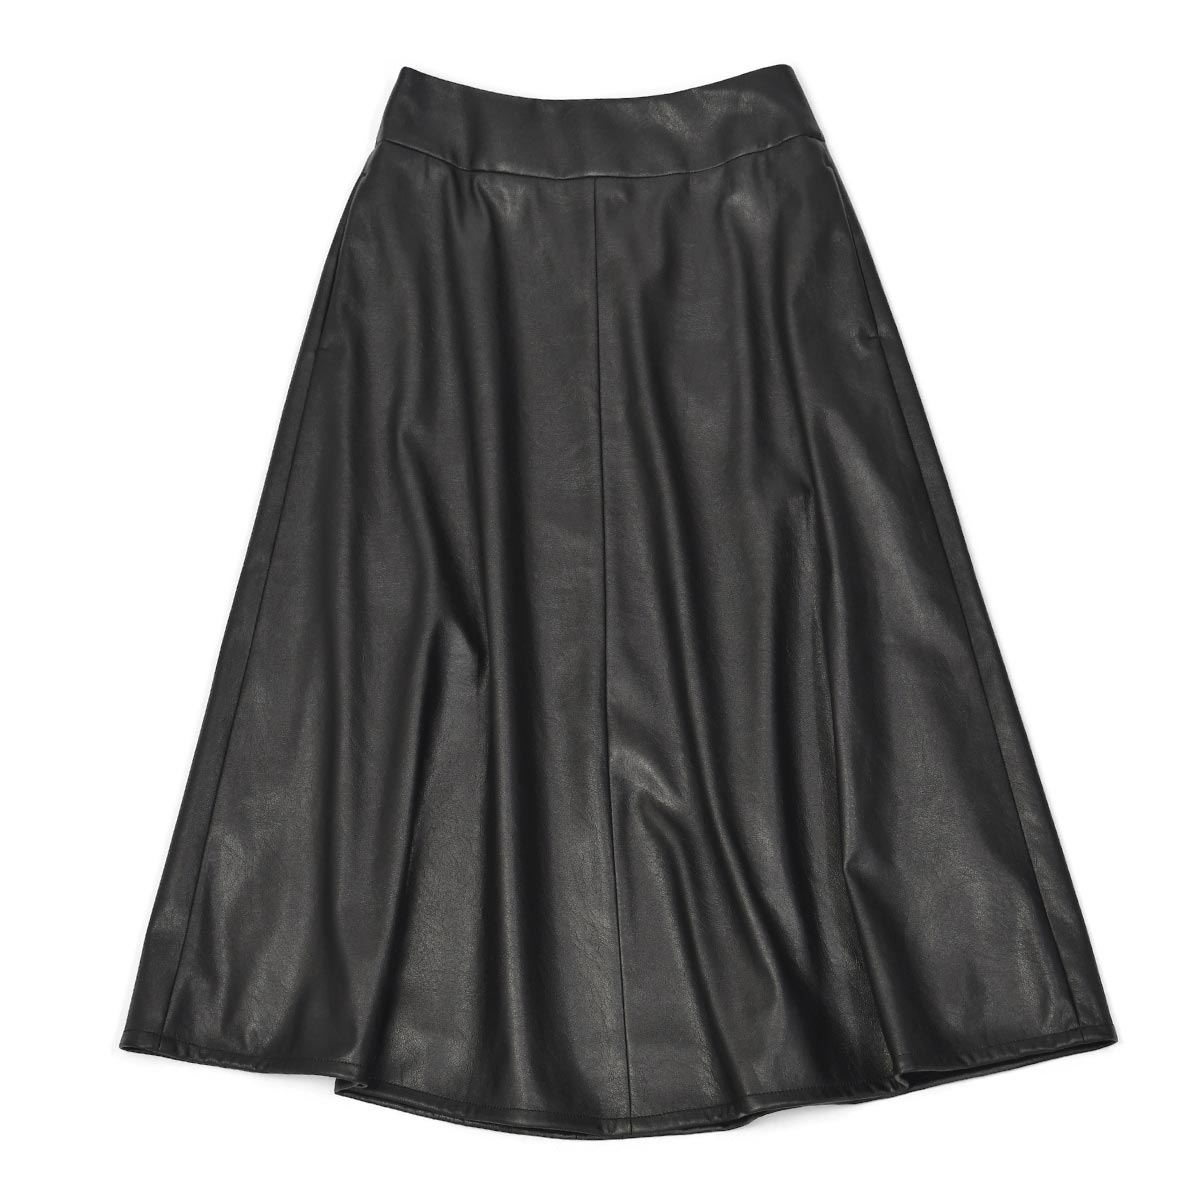 【30%OFF】【size36】INCOTEX【インコテックス】フレアスカート ANNA J4556 990 フェイクレザー ブラック